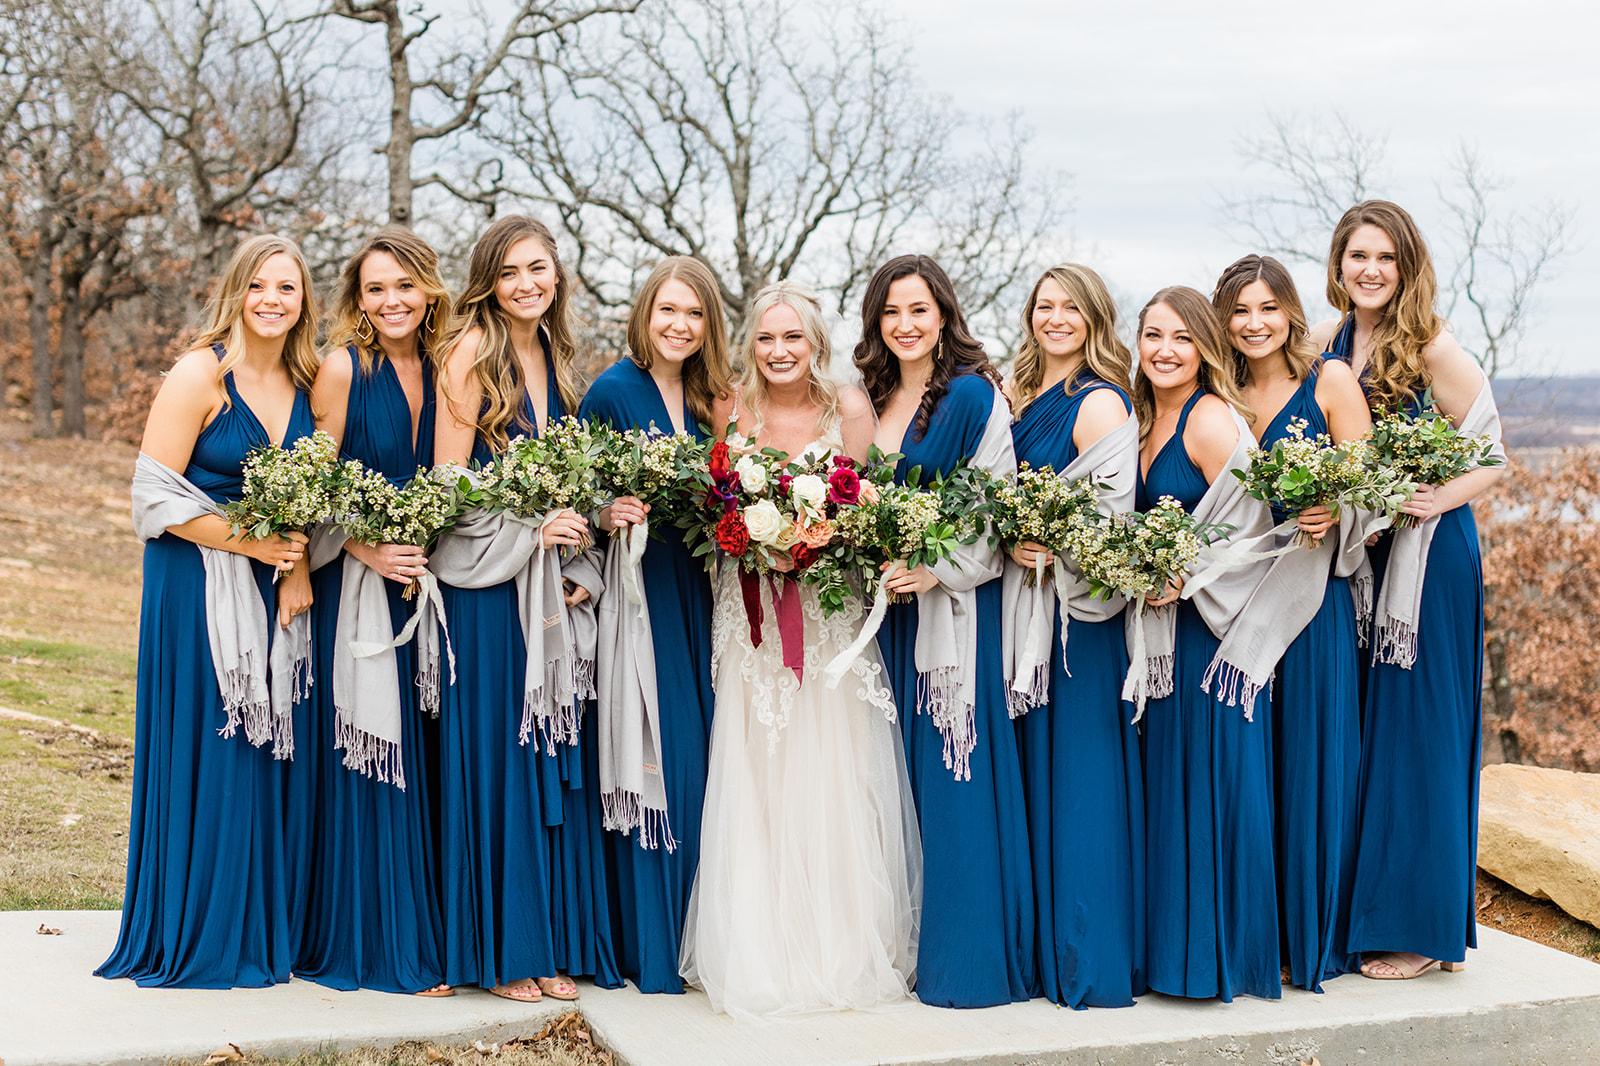 Bixby Tulsa Wedding Venues 25.jpg